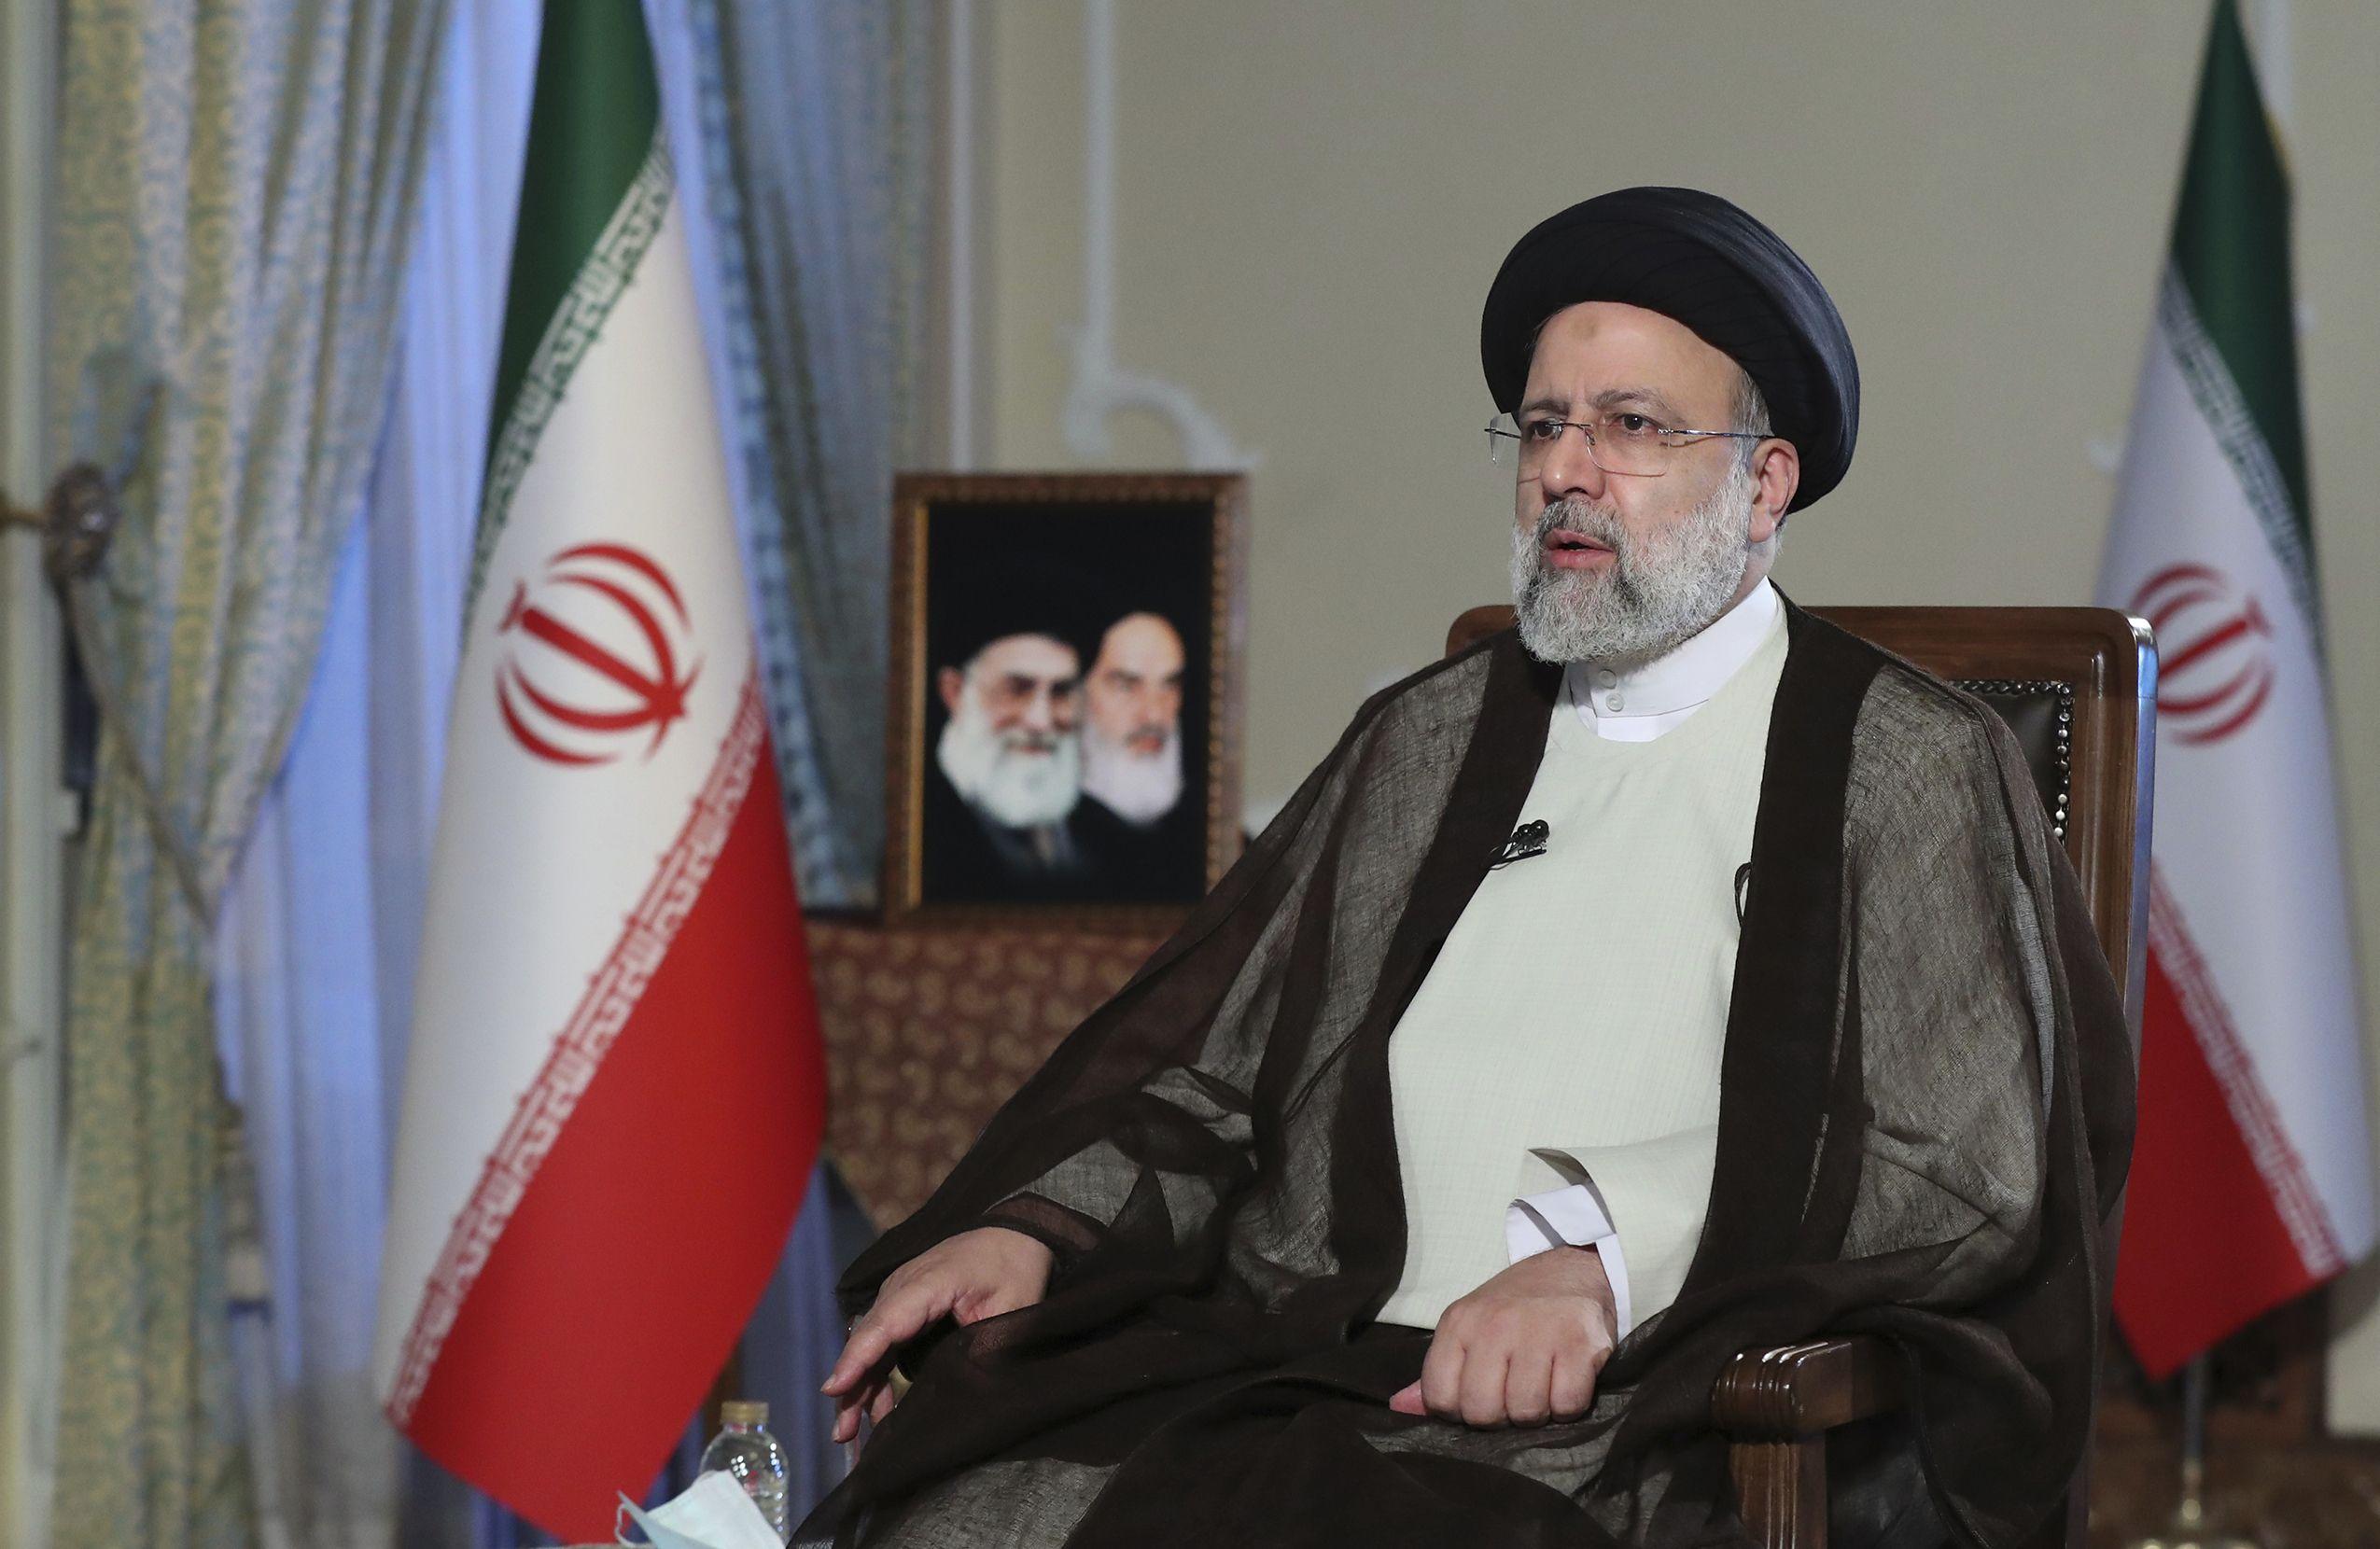 iran: eeuu debe quitar sancion para probar que quiere hablar